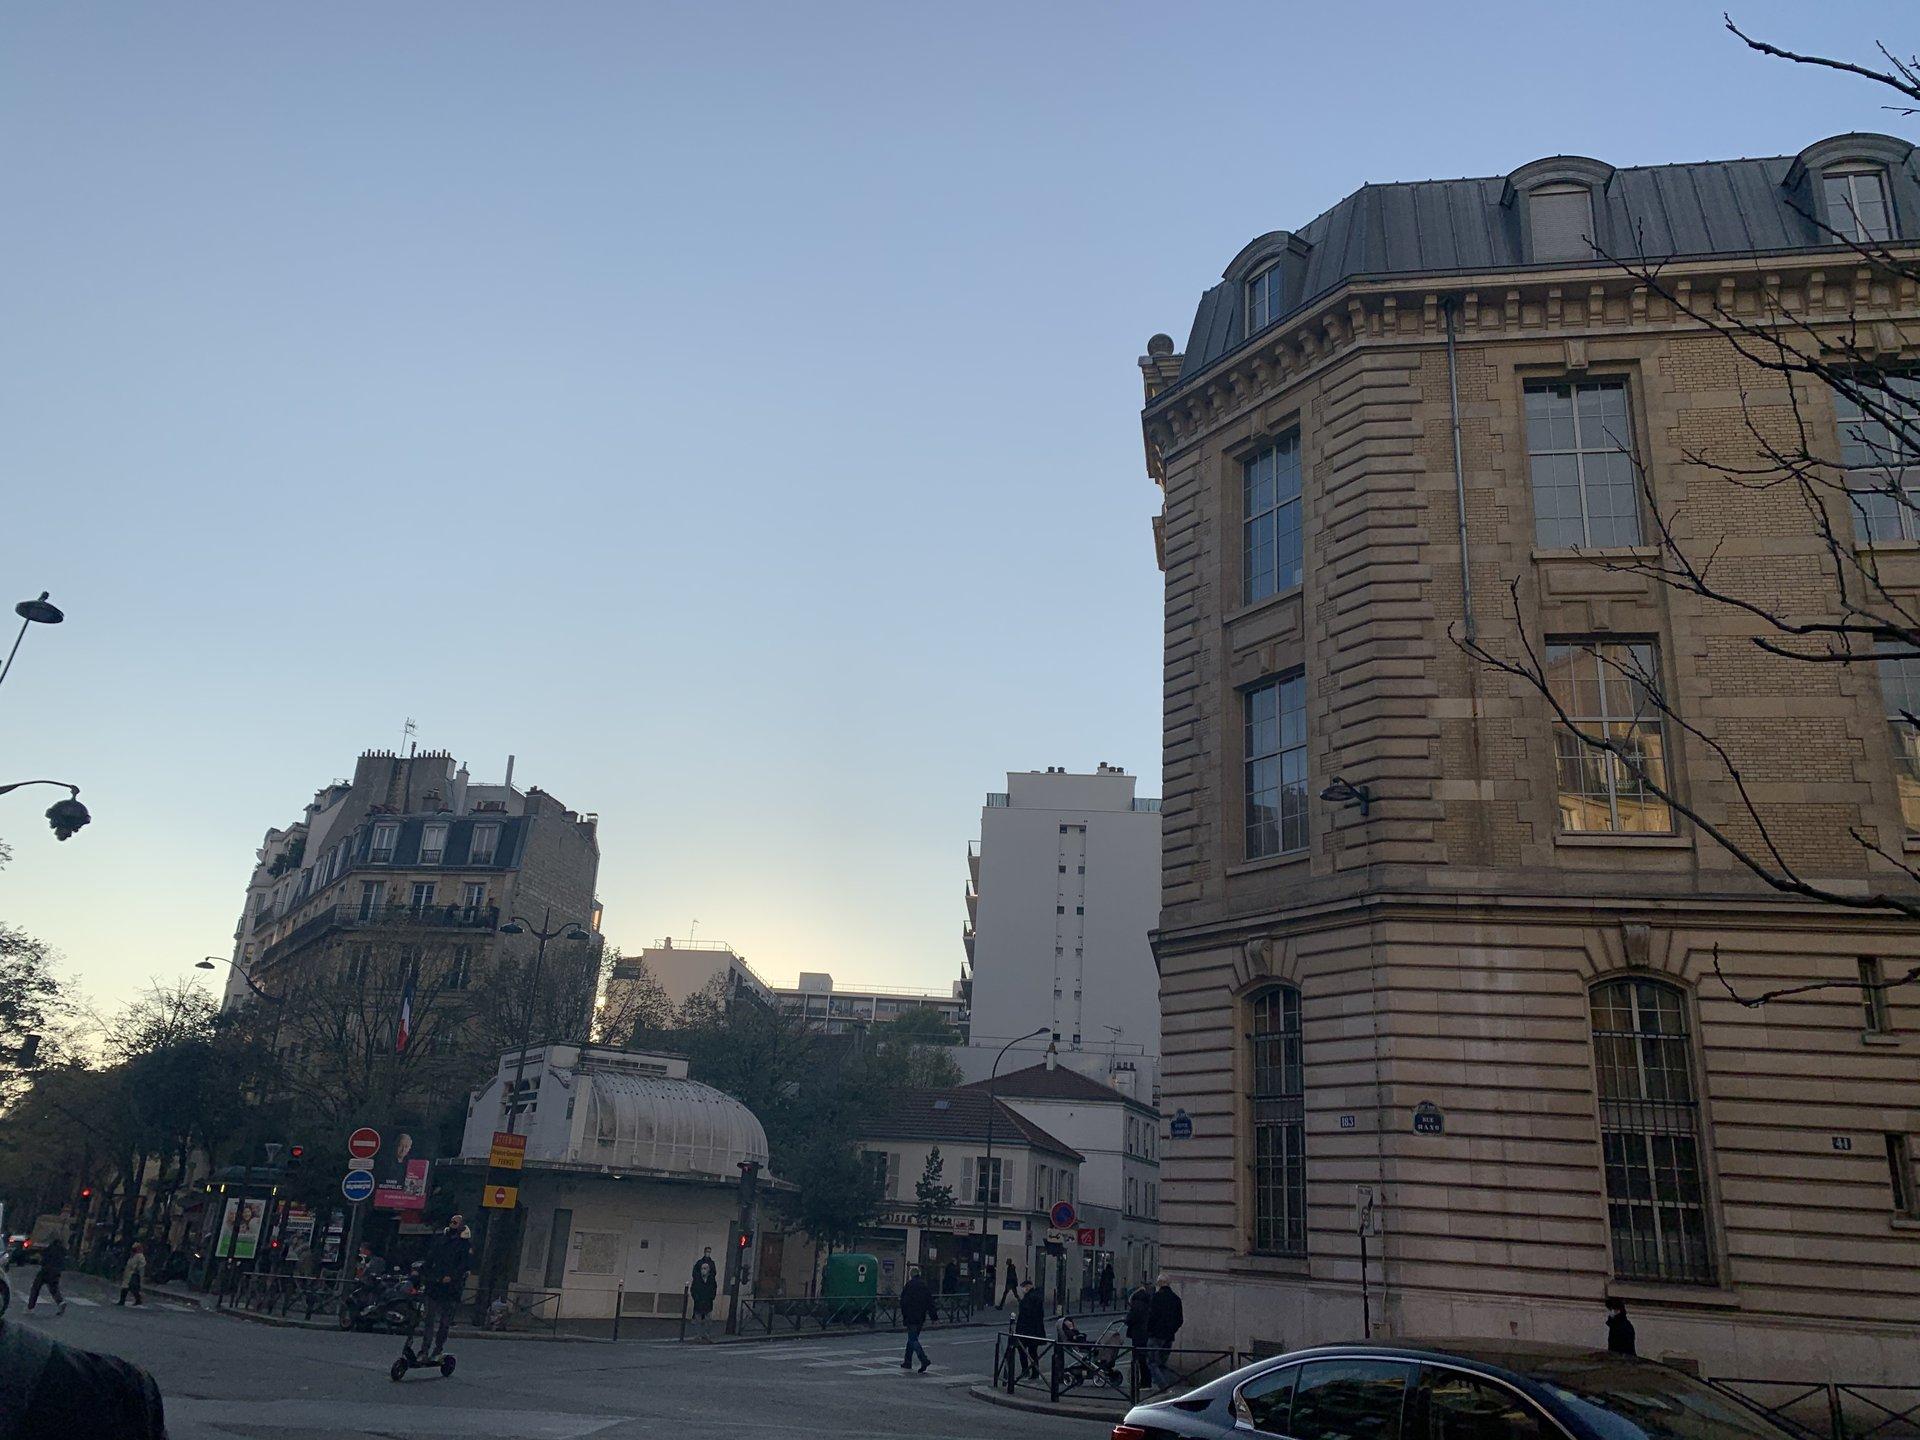 Paris - XX ème - M° Saint Fargeau - 3 PIÈCES - À RÉNOVER - 1ER ÉTAGE ASCENSEUR - BALCON - VUE JARDIN - SOLEIL - CALME ABSOLU - CAVE ET PARKING COMPRIS - BELLE COPROPRIÉTÉ